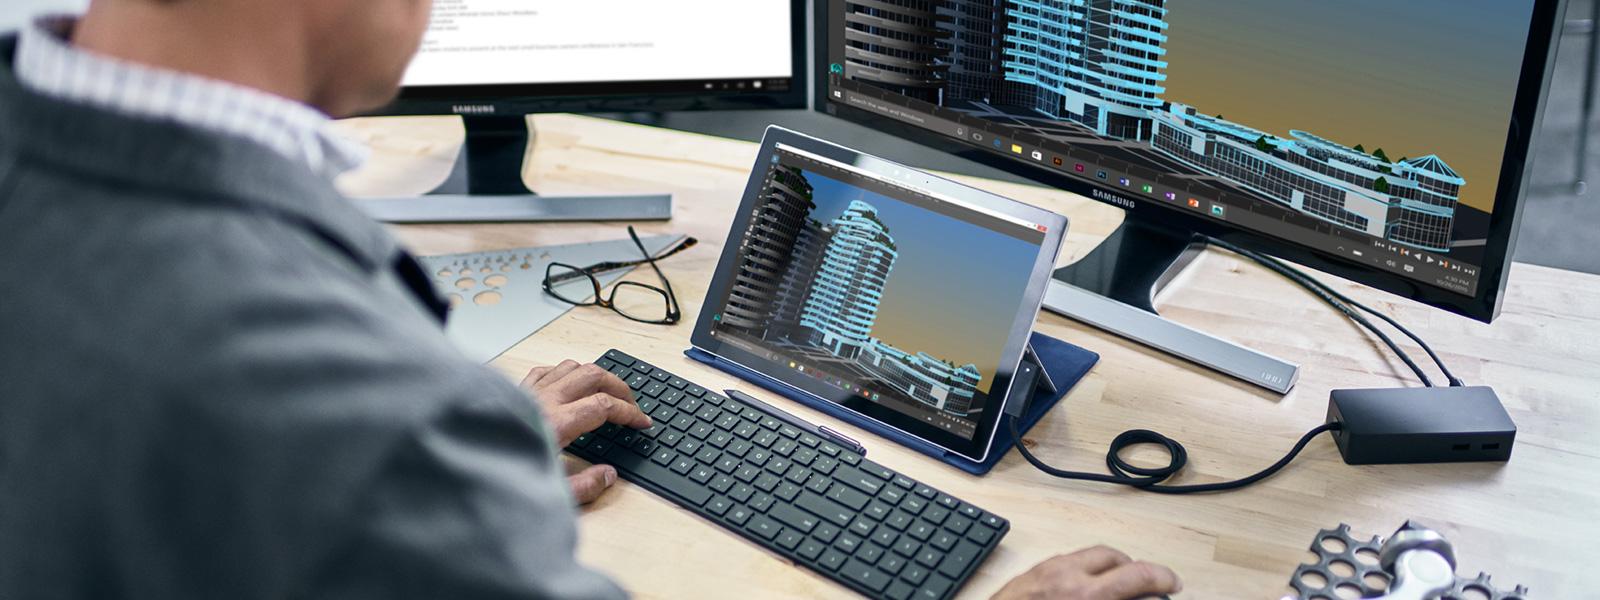 Surface Pro 4, großer Bildschirm und Tastatur auf Schreibtisch.